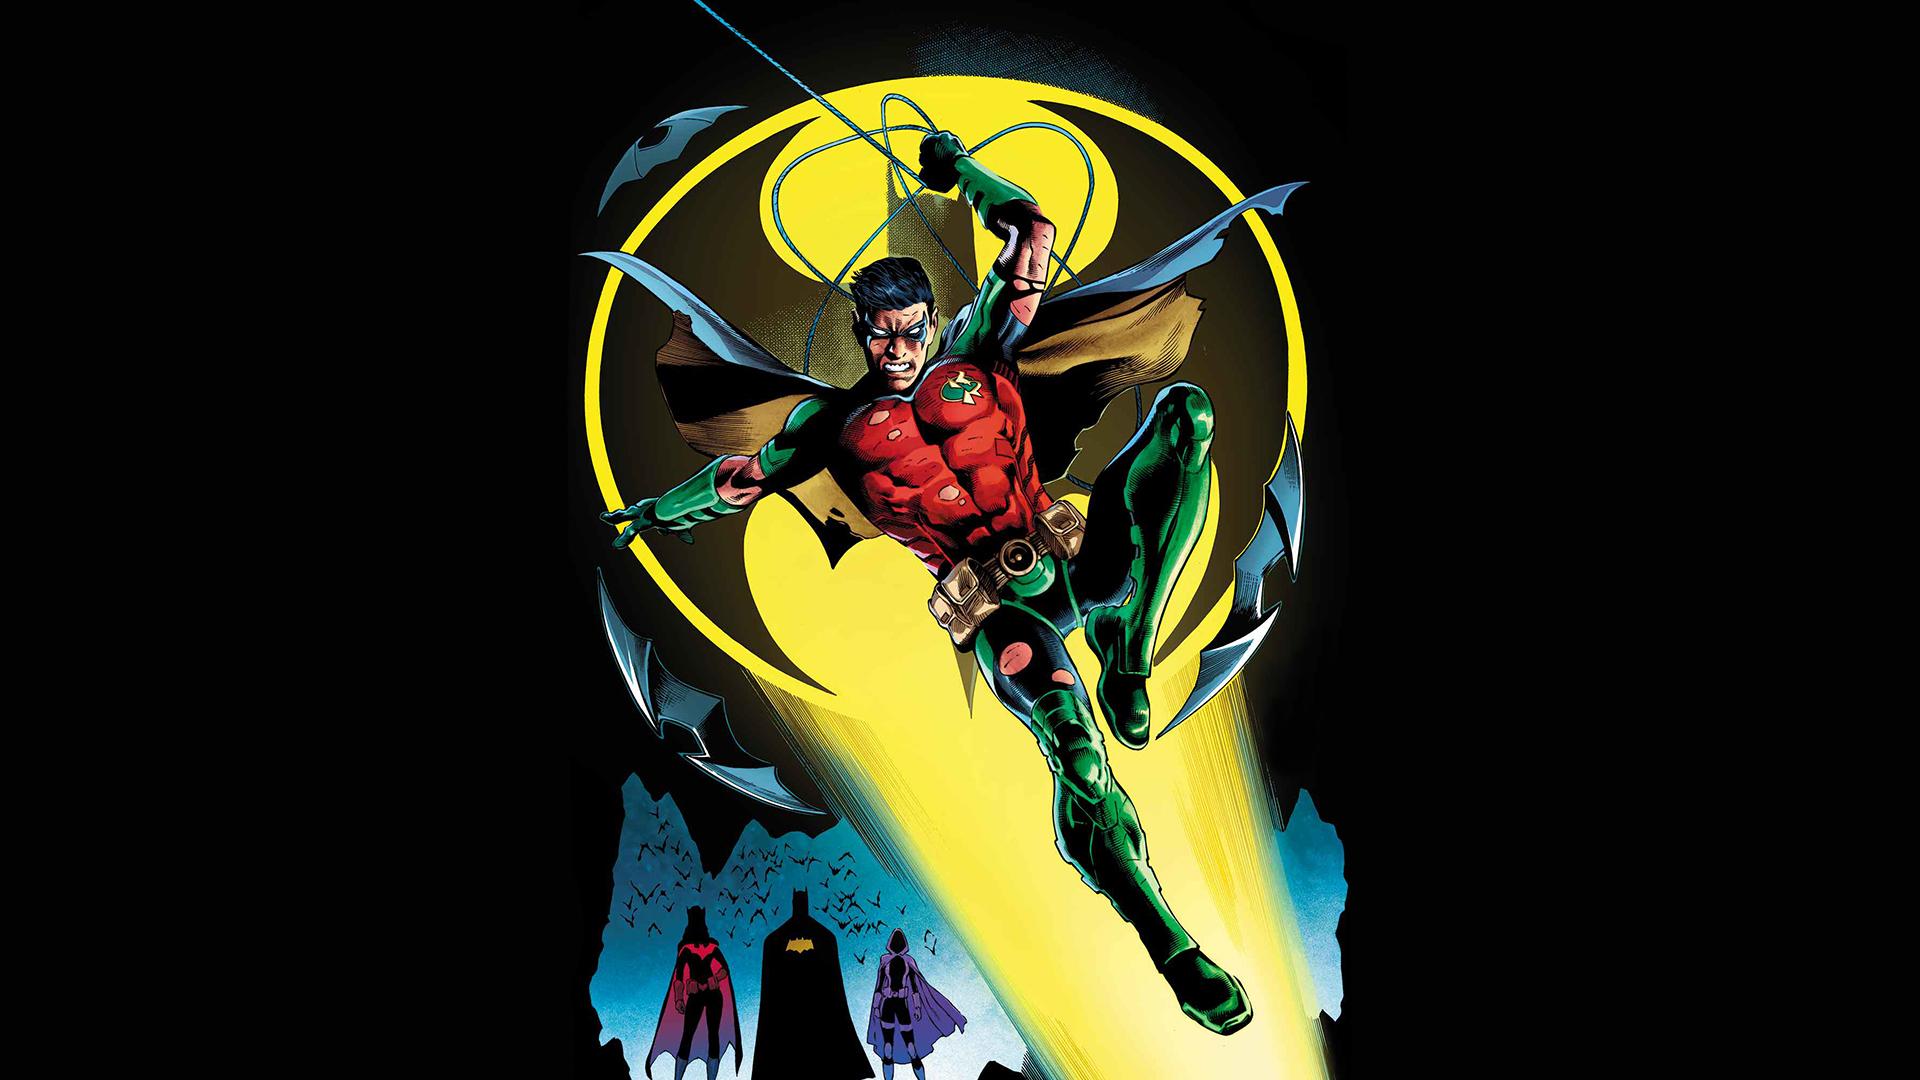 Robin Dc Comics Wallpaper Hd Superheroes 4k Wallpapers